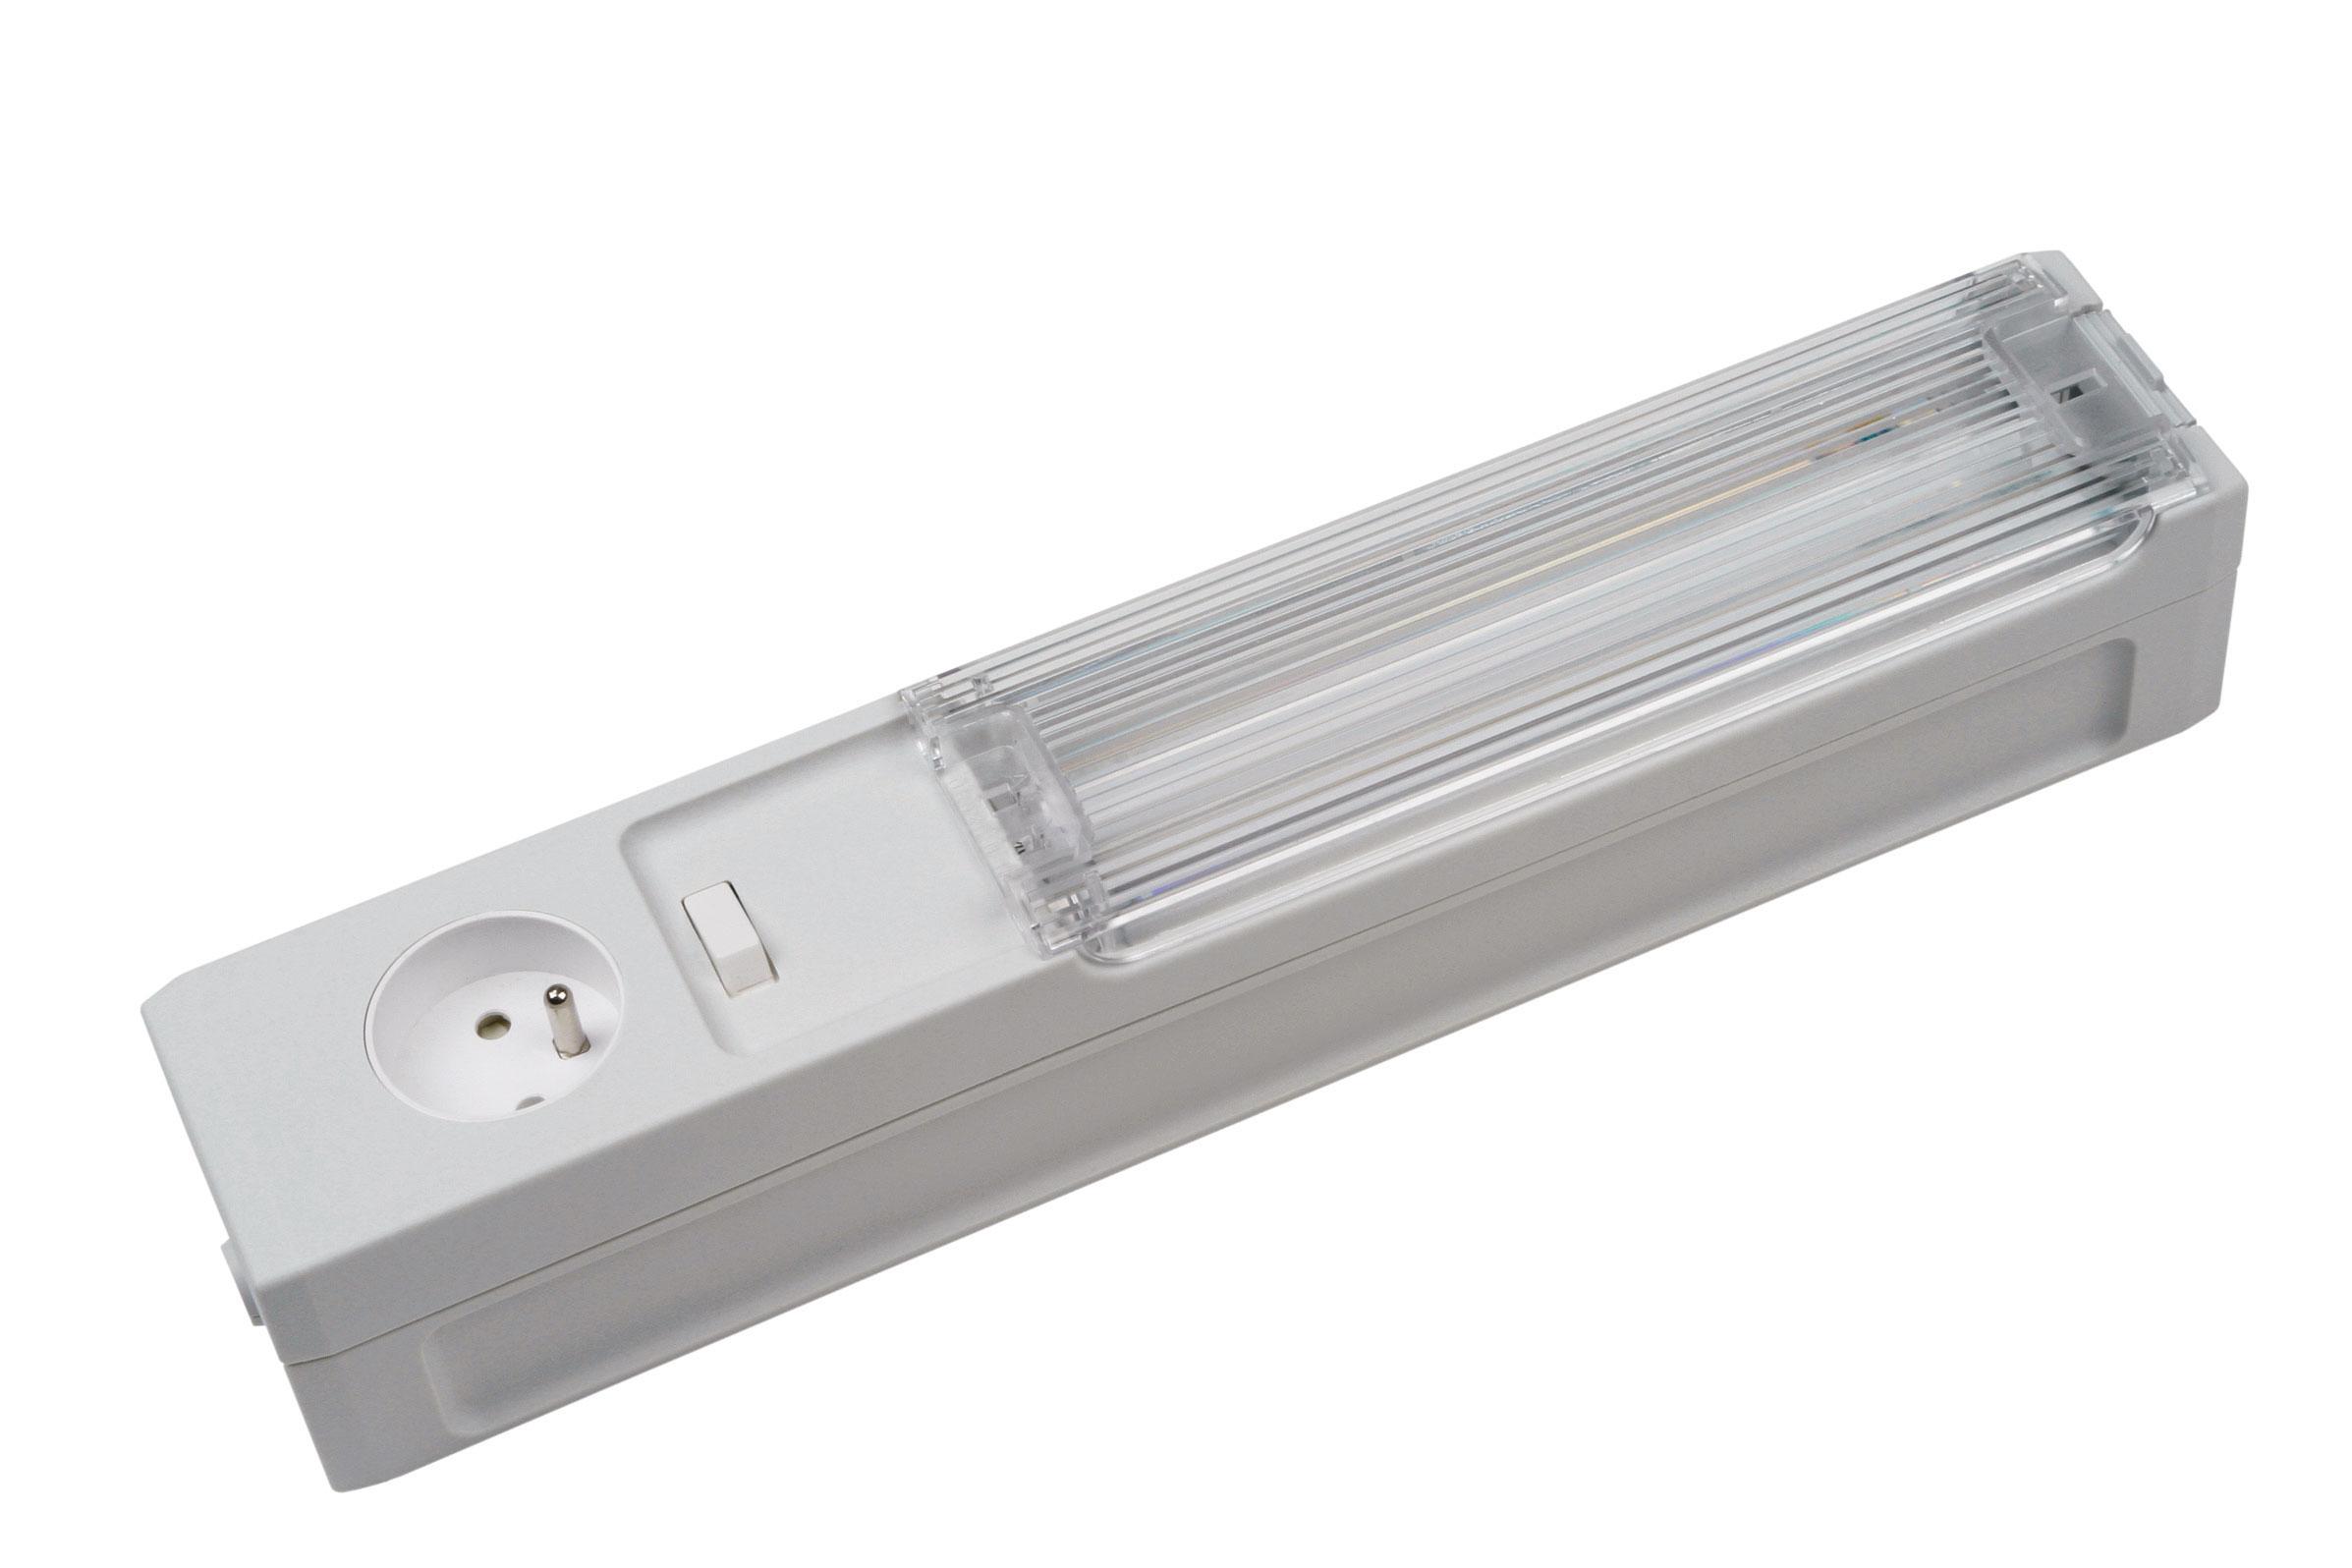 1 Stk Magnetleuchte inklusive Blende ohne Türkontakt, ohne Kabel IU008508--